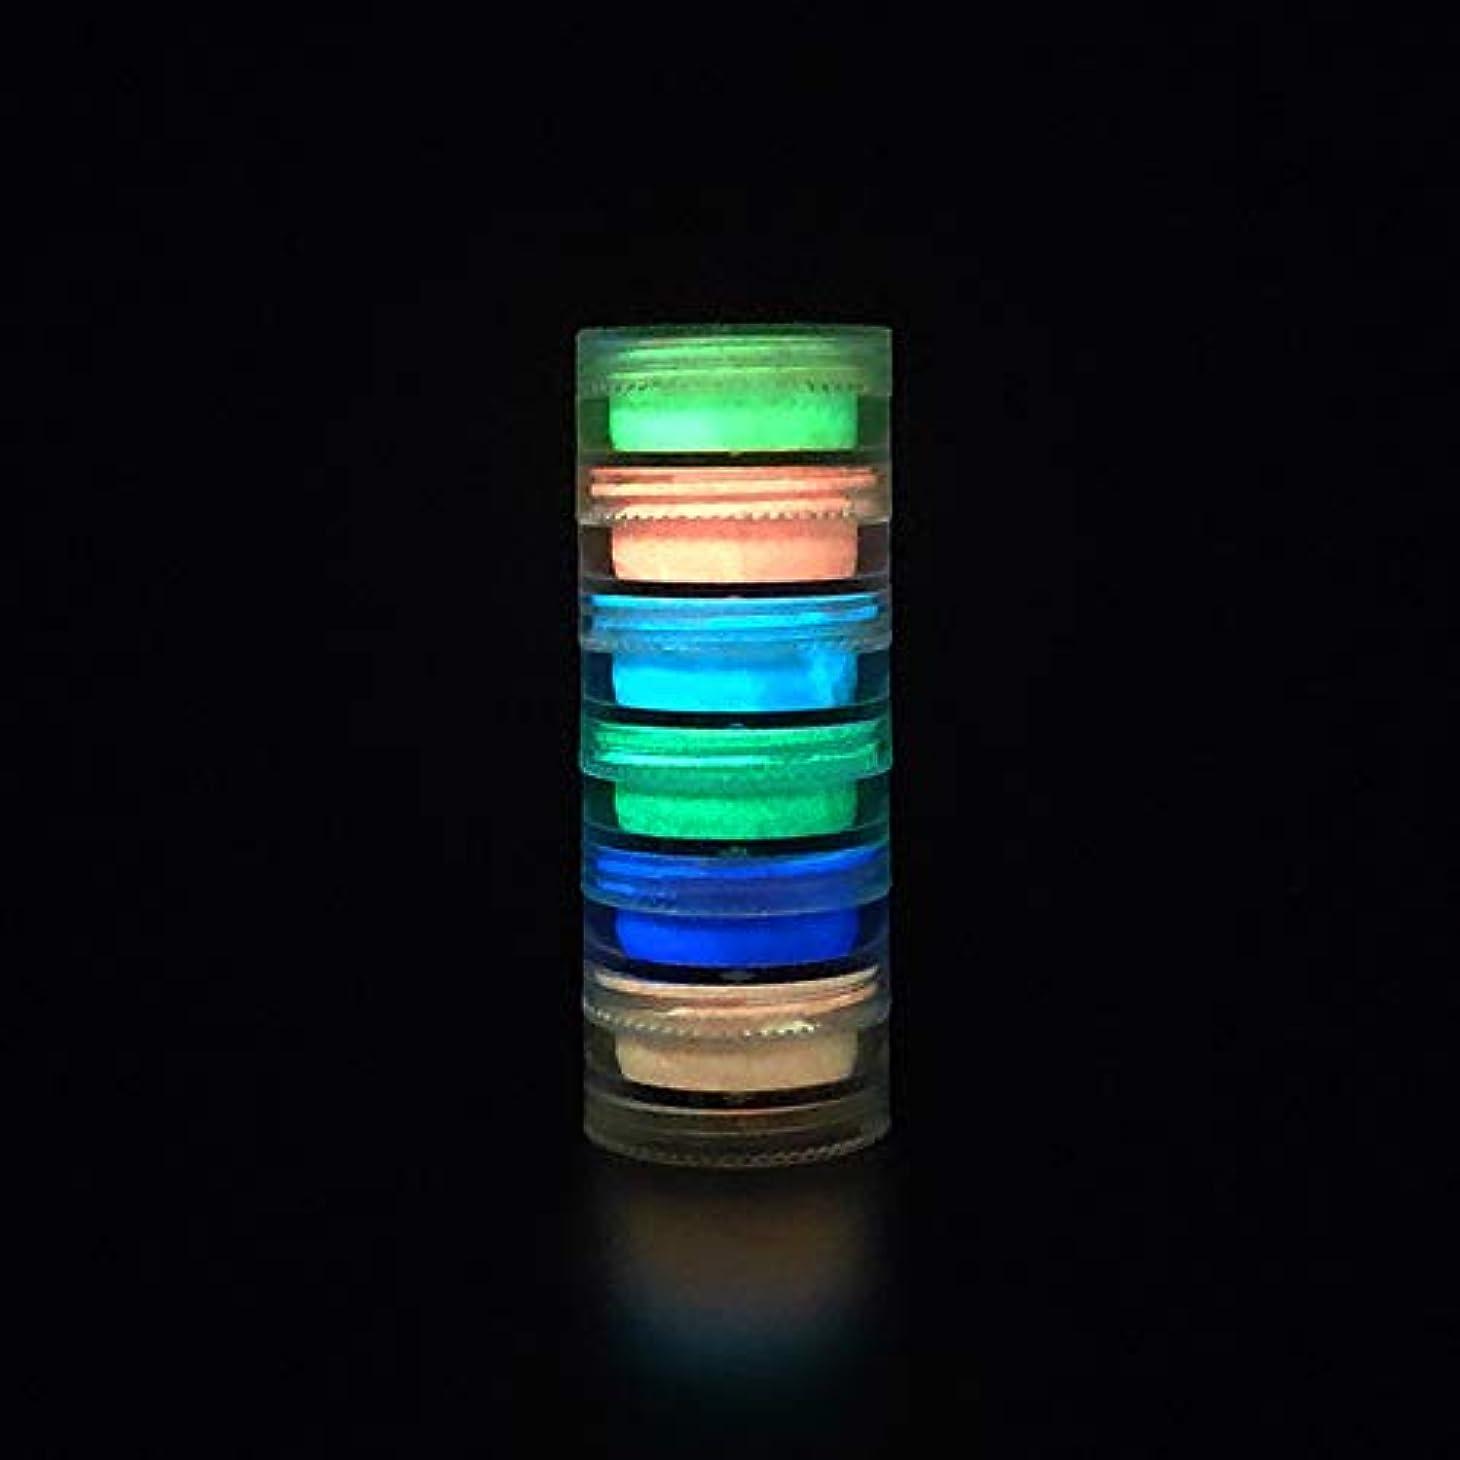 かき混ぜる陸軍疲労Murakush ネイルアート 6個 蛍光装飾 パウダー ネイルアート コーティング ルミナス ブライト ナイトライトパウダー 3#